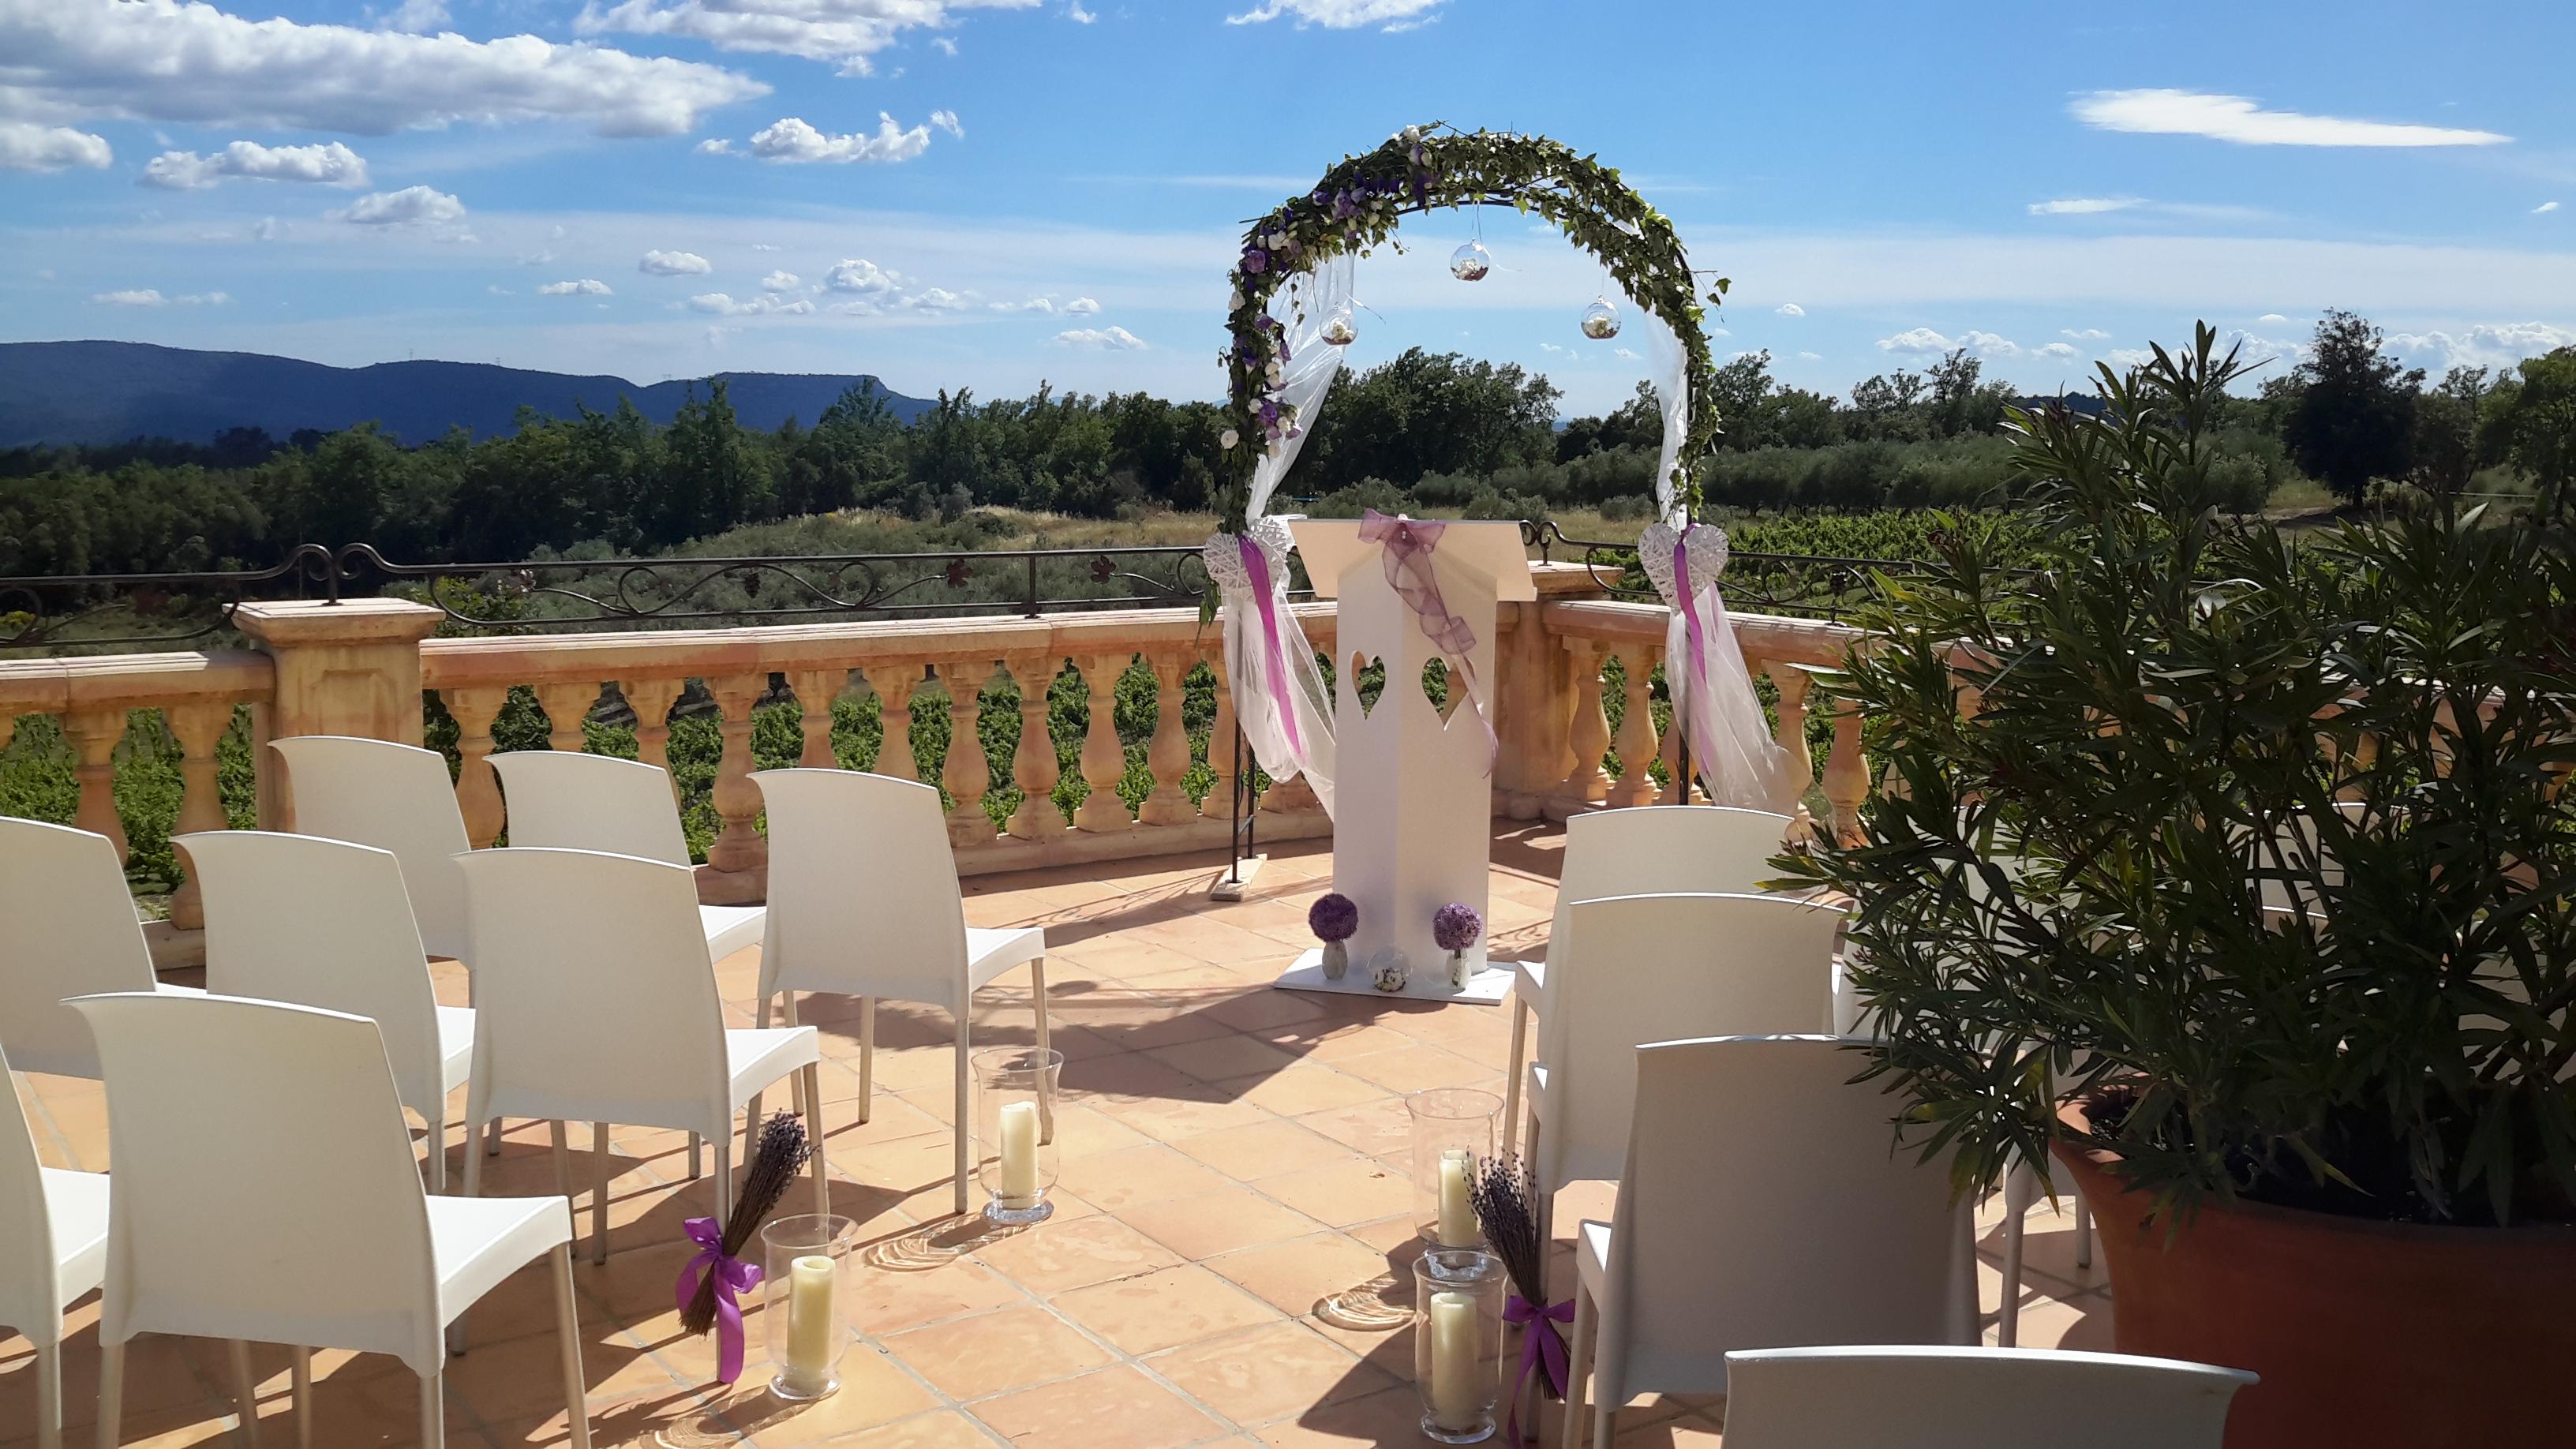 ceremonie laique dans le sud_mariage provence_mariage la seyne sur mer_mariage provence